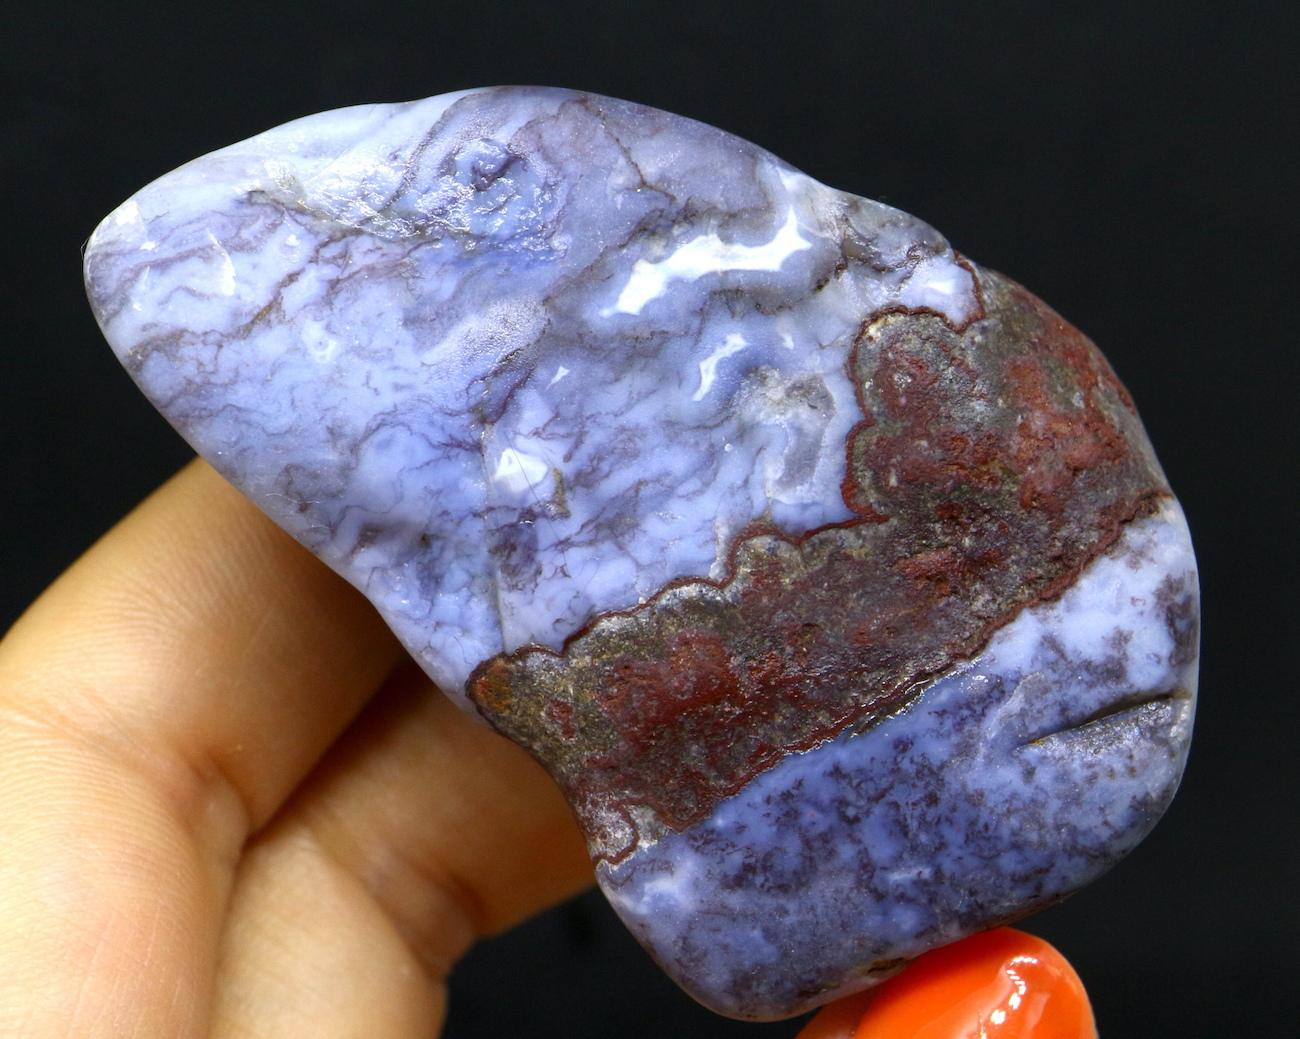 レア!ビューロクリークアゲート アリゾナ州産 瑪瑙 原石 64,3g BCA003 天然石 鉱物 パワーストーン